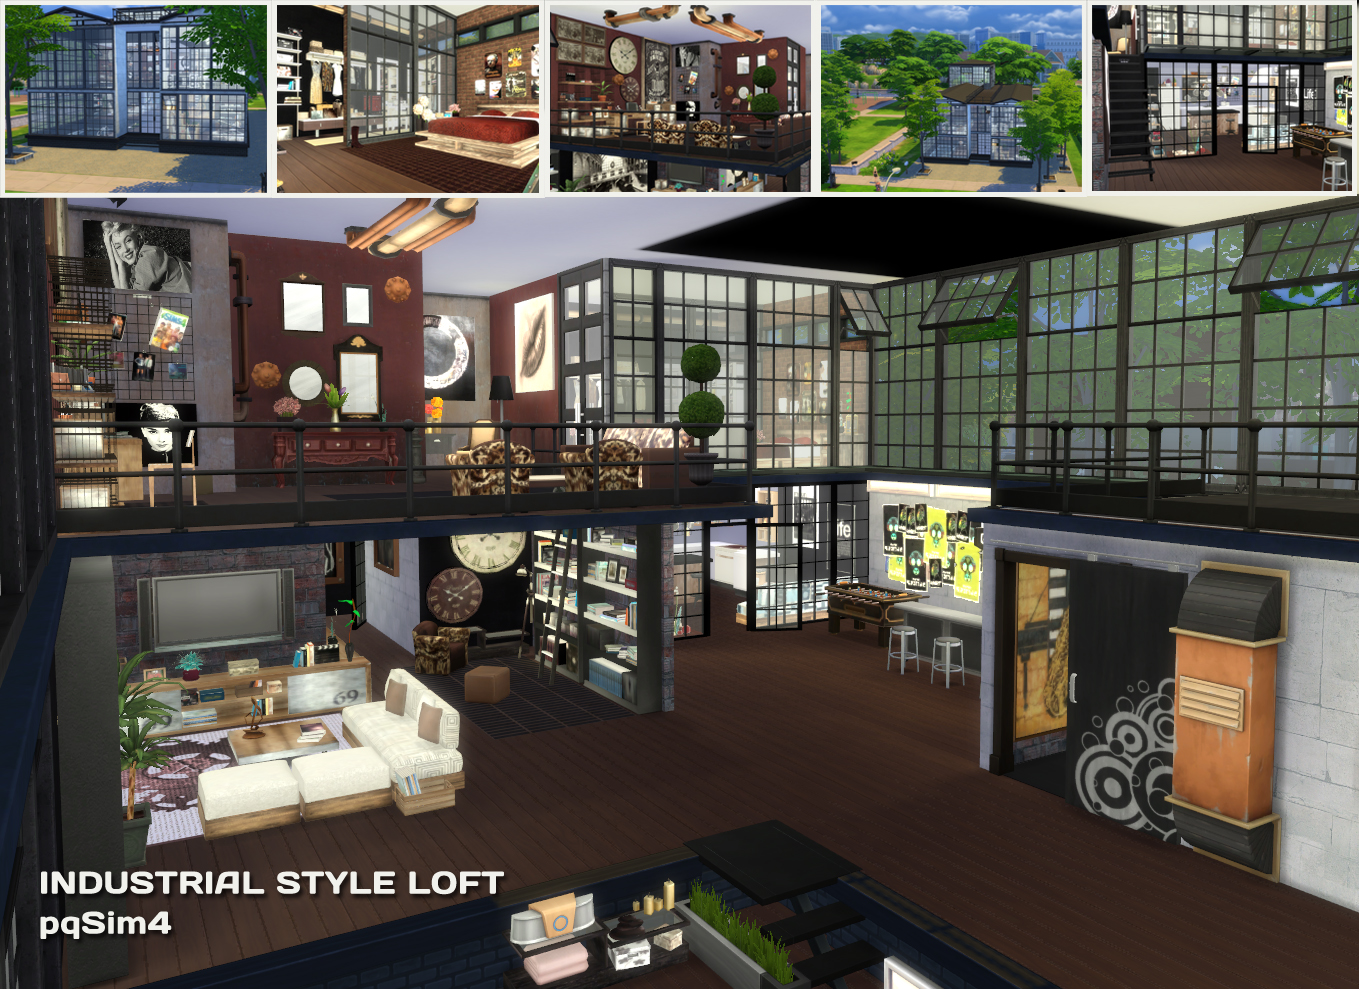 My Sims 4 Blog Industrial Loft By Pqsim4